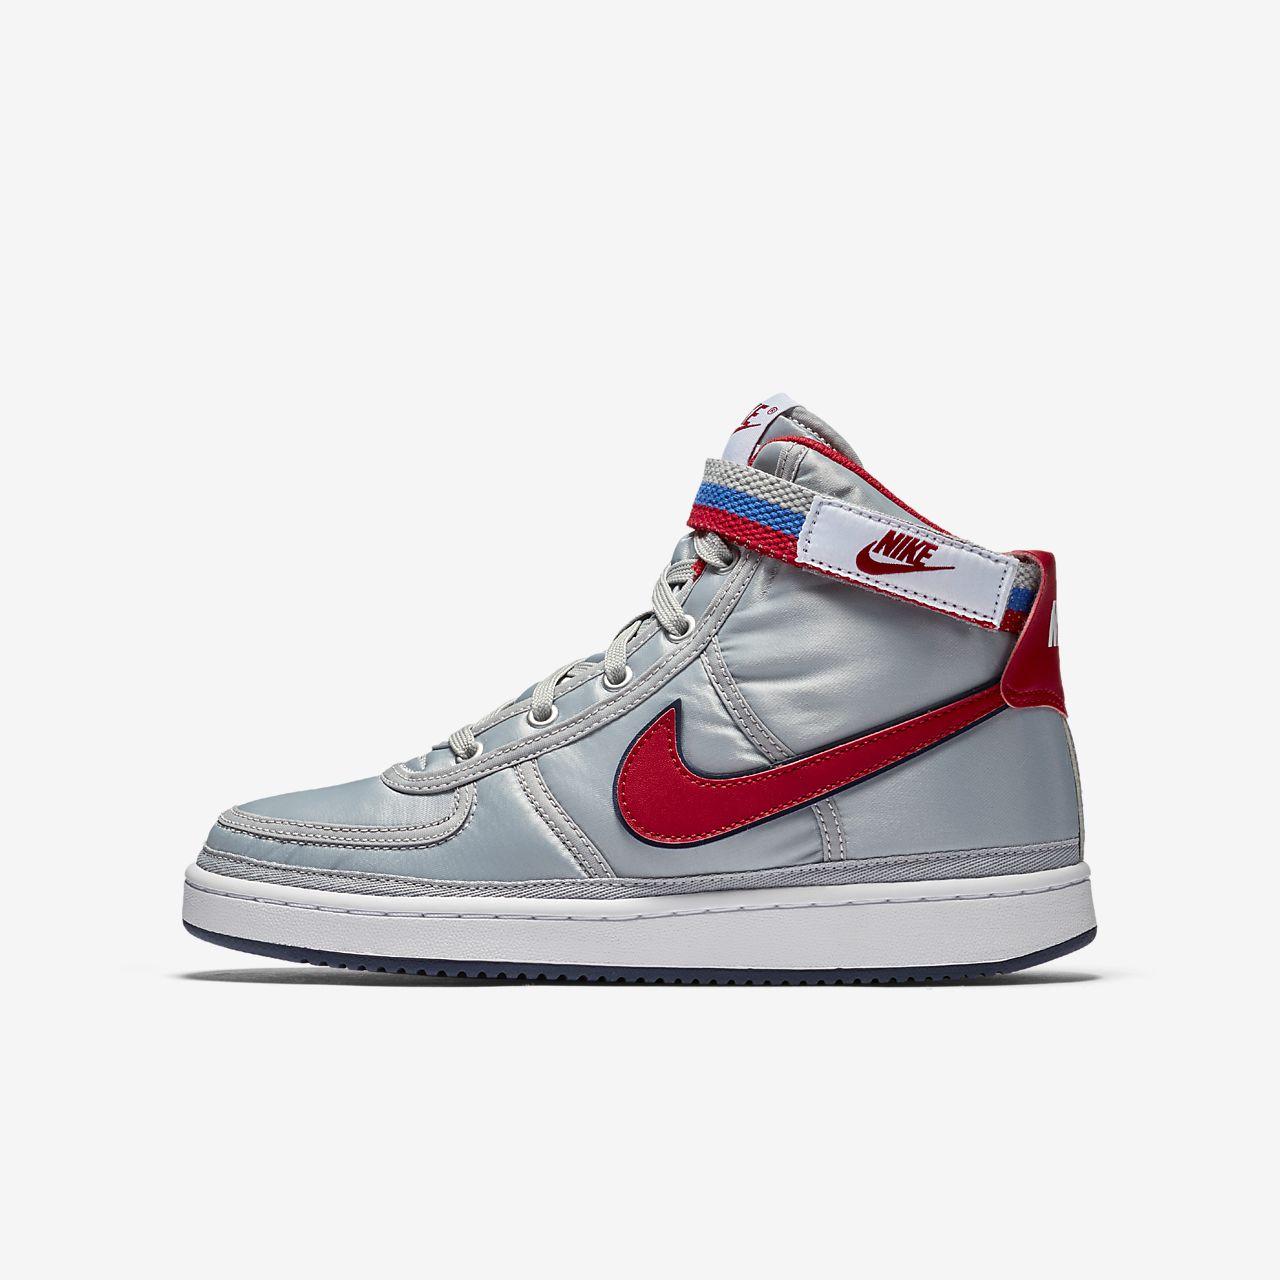 Nike Vandal High Supreme Men's Lifestyle Shoes White eY7089L